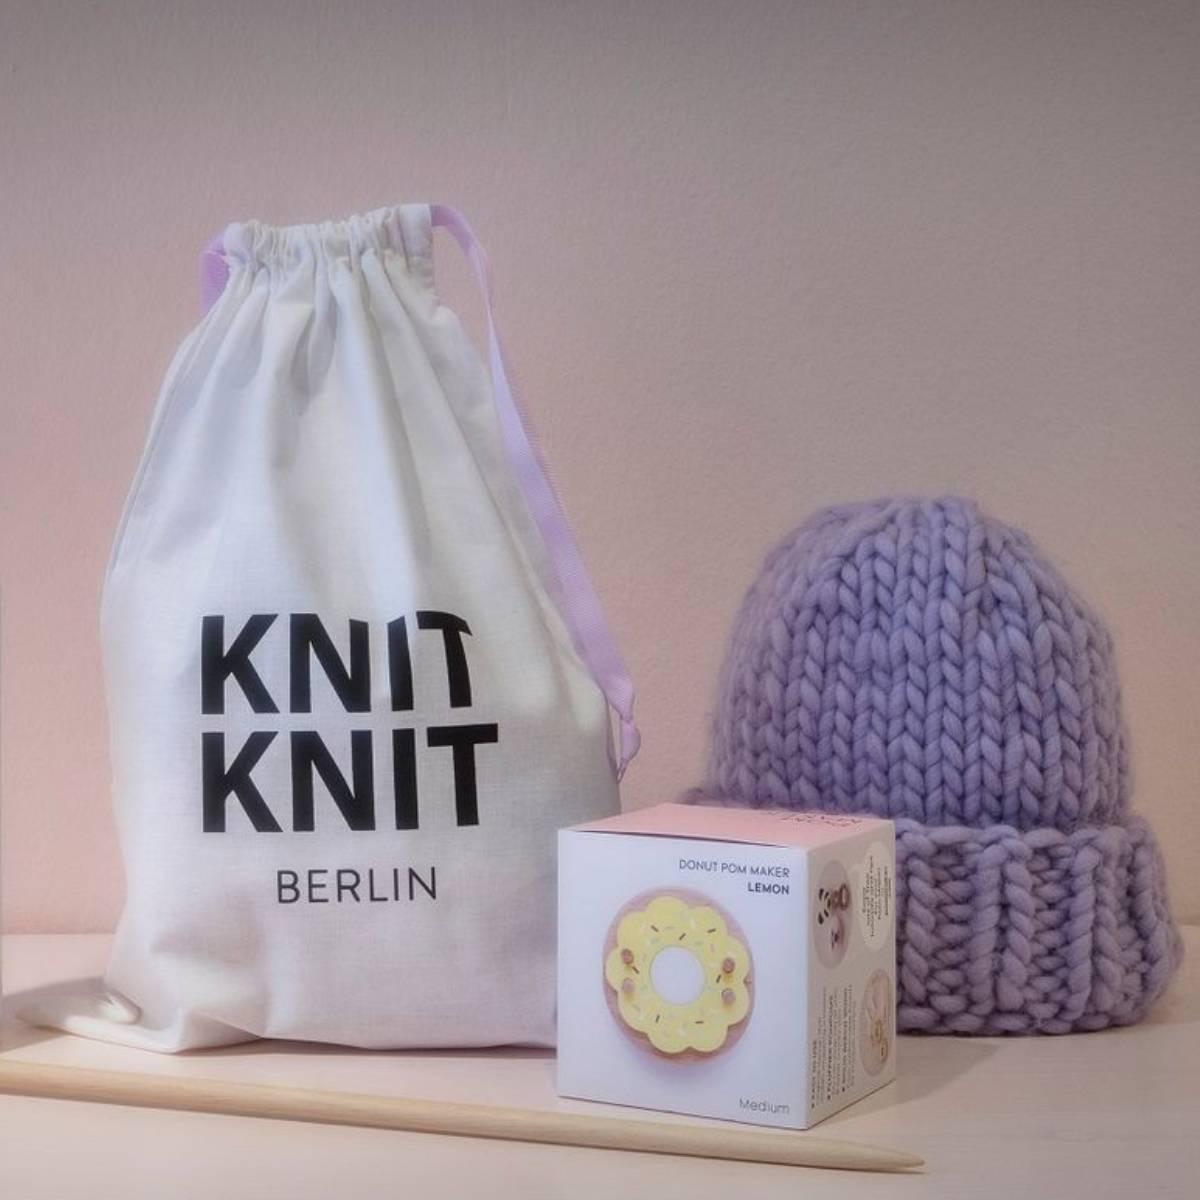 Knitknit (5)